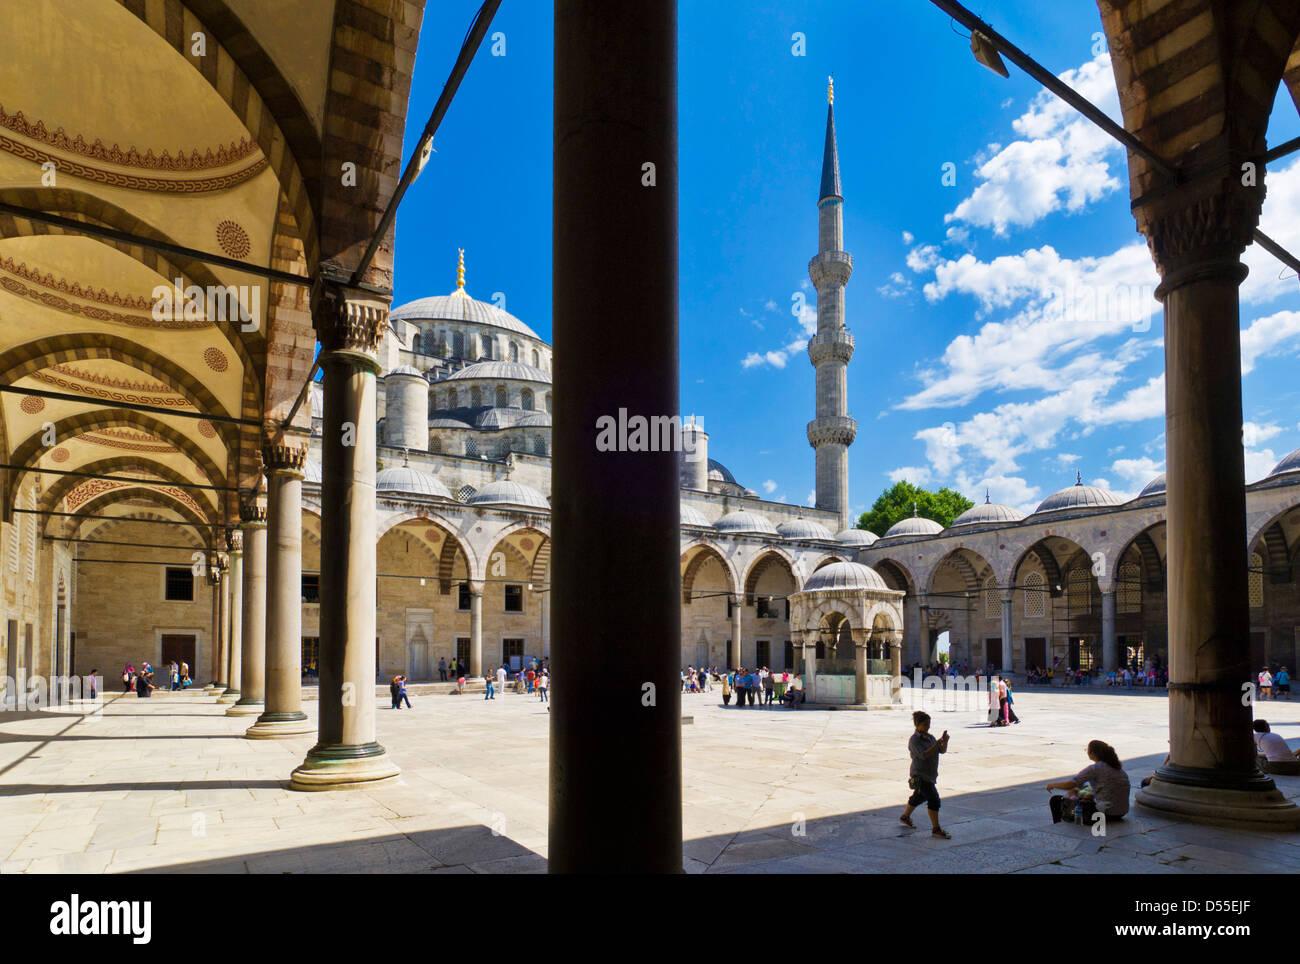 La Mezquita Azul (Sultan Ahmet Camii), Sultanahmet, Estambul, Turquía central Imagen De Stock